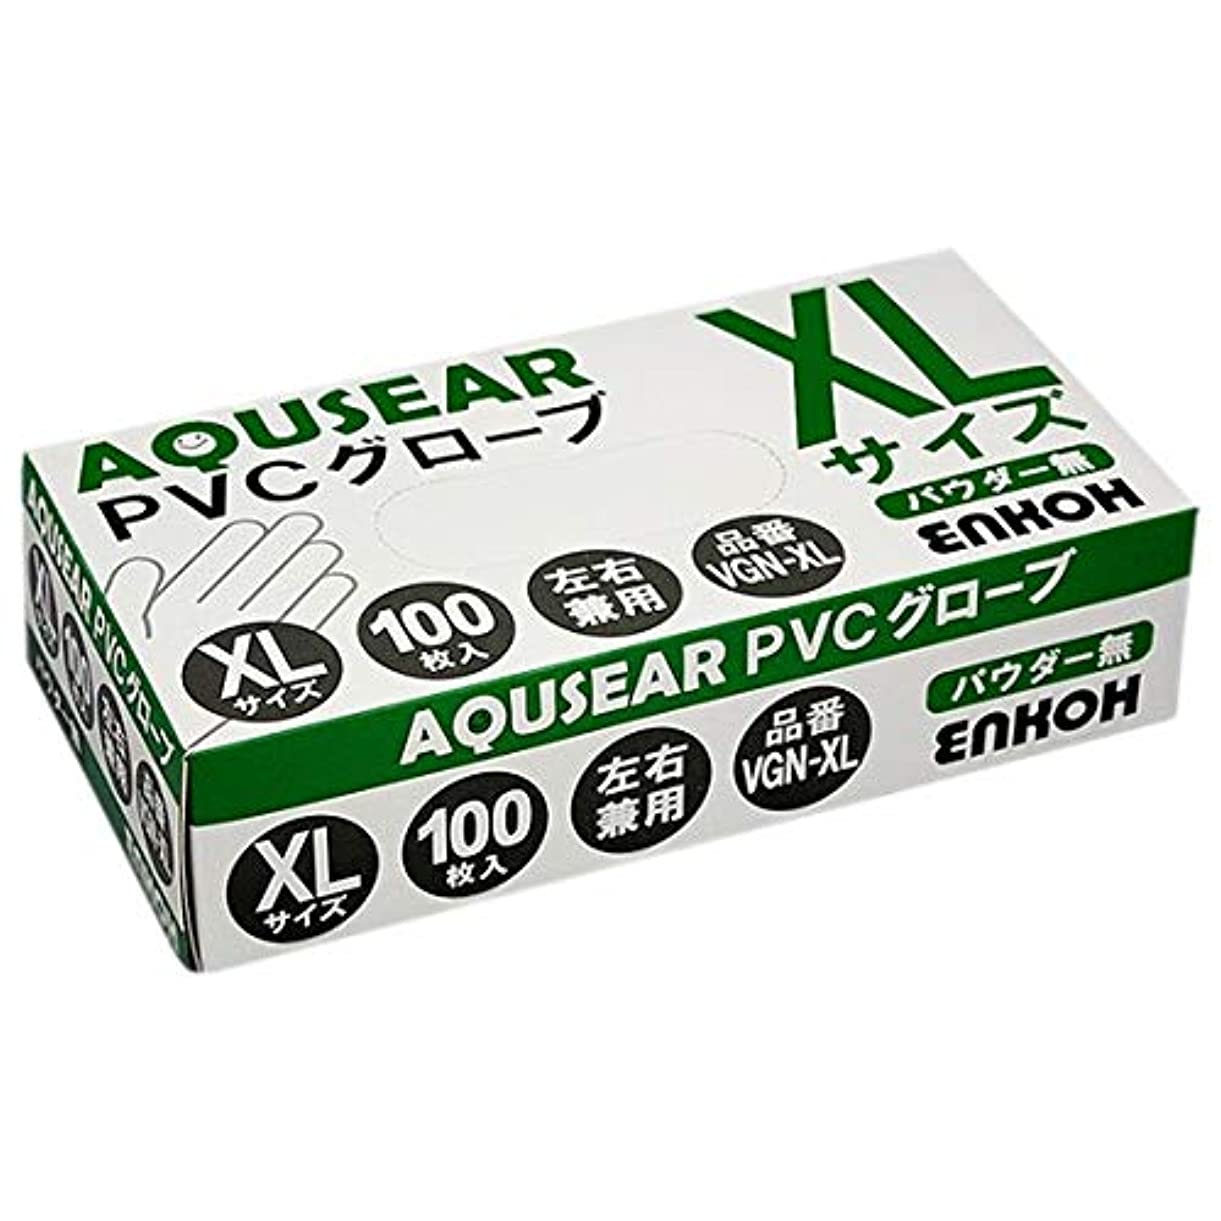 リズミカルな芽いらいらさせるAQUSEAR PVC プラスチックグローブ XLサイズ パウダー無 VGN-XL 100枚×20箱